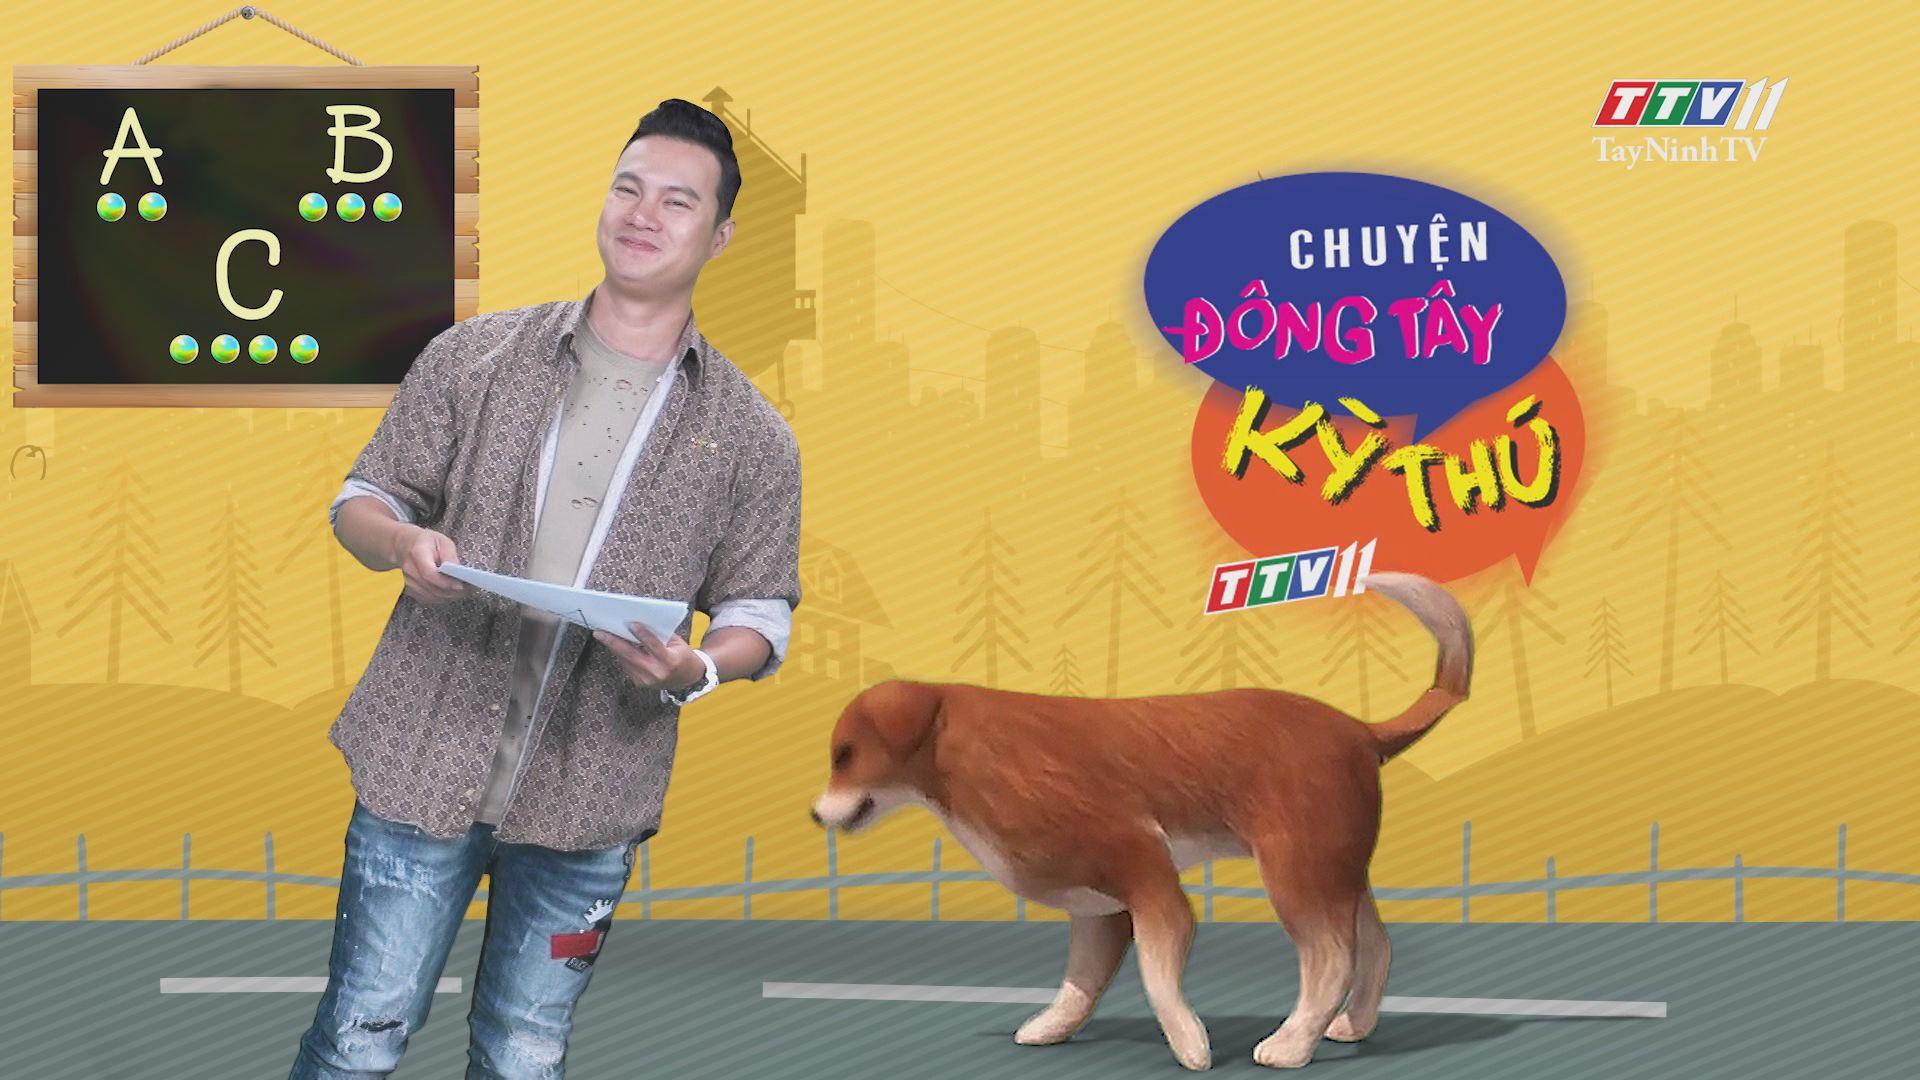 Chuyện Đông Tây Kỳ Thú 23-7-2020 | TayNinhTV